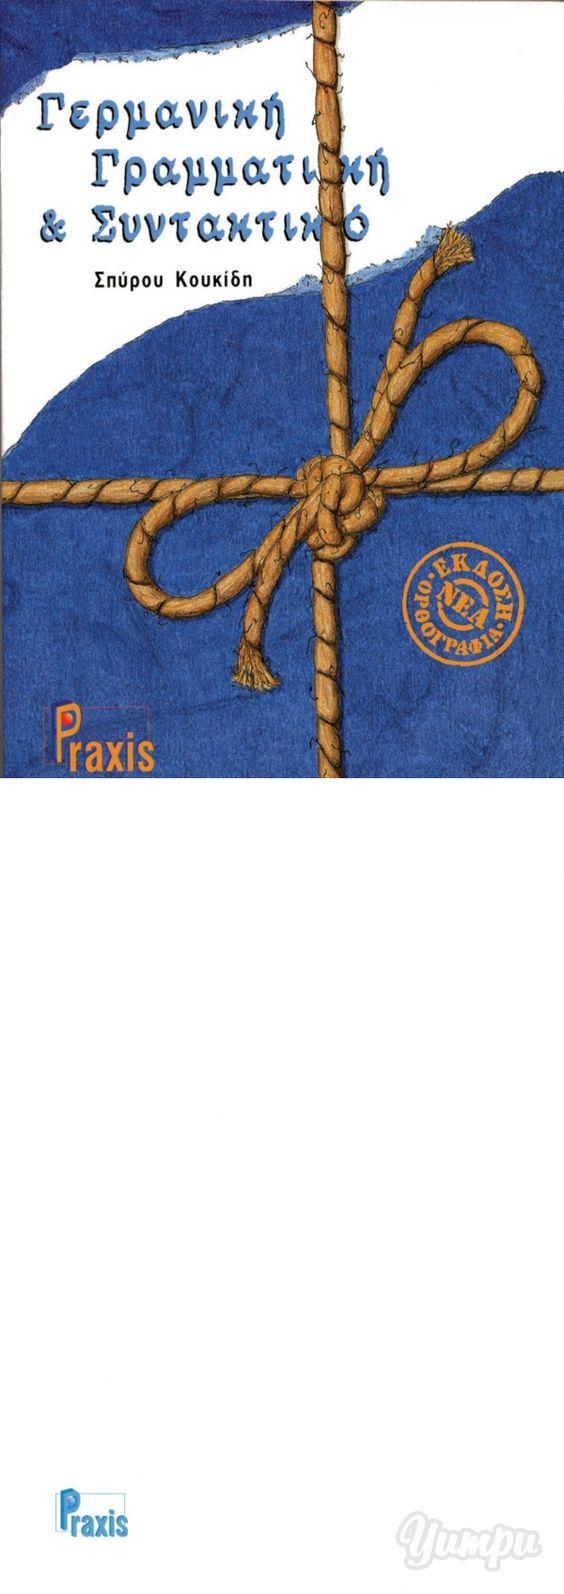 Deutsche Grammatik und Syntax.pdf - Praxis - Magazine with 17 pages: Deutsche Grammatik und Syntax.pdf - Praxis